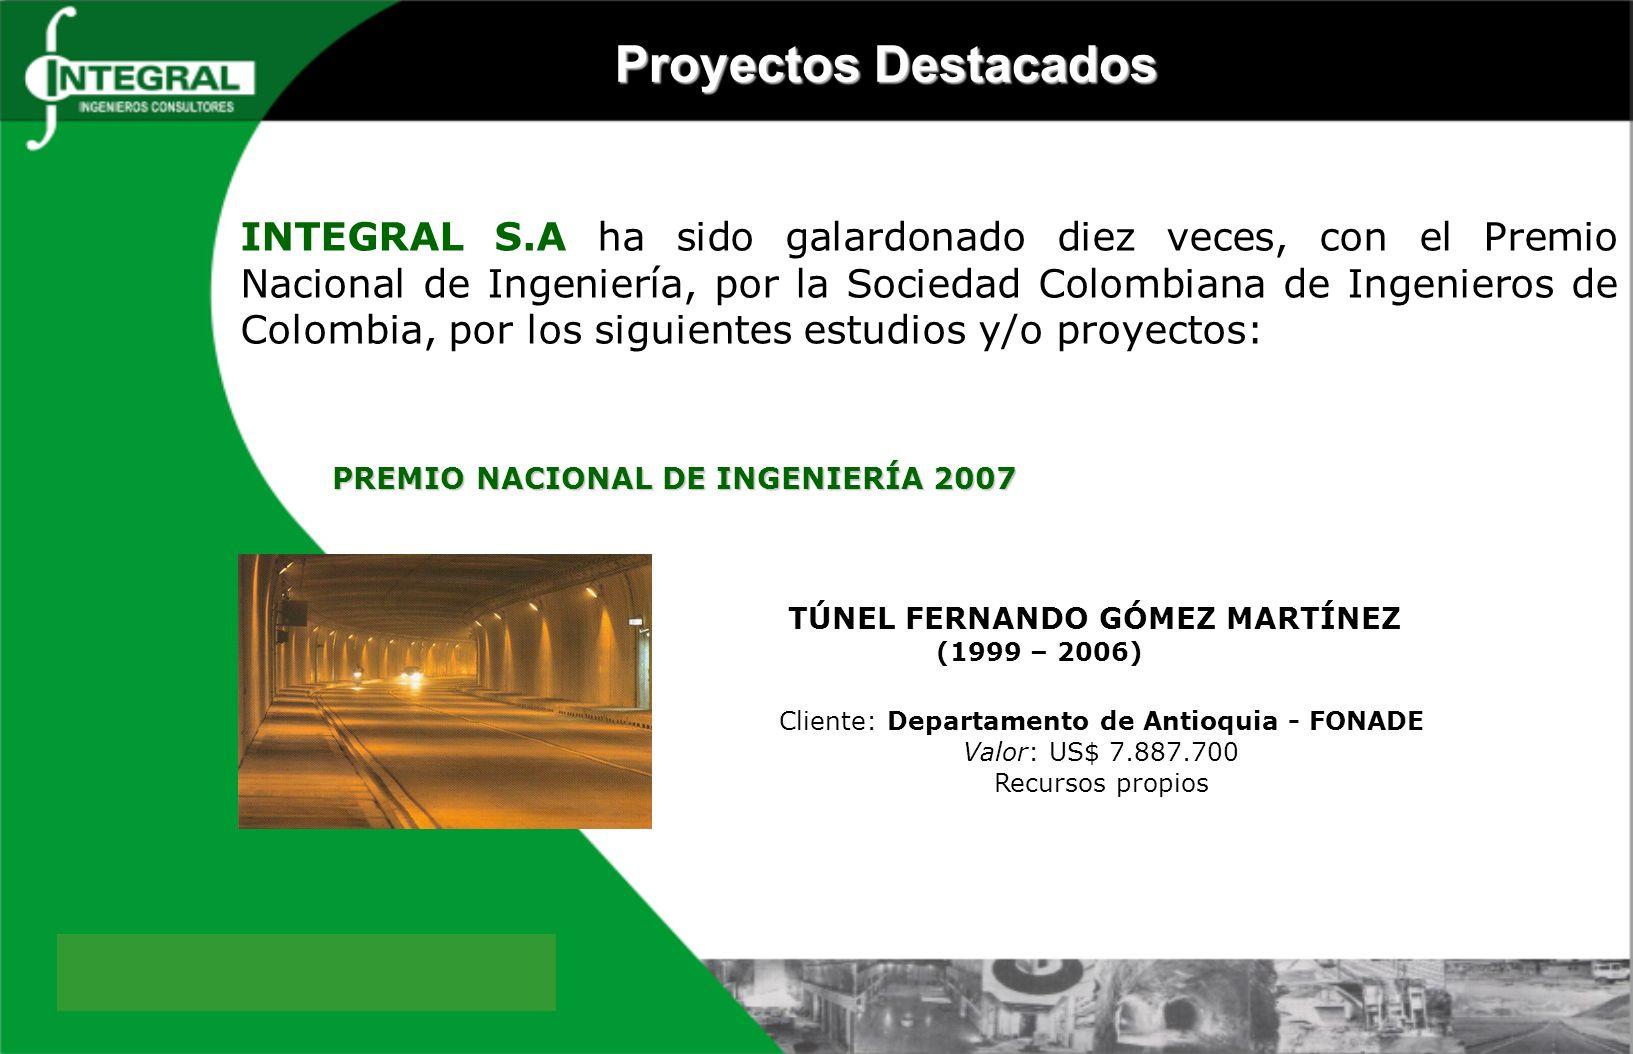 TÚNEL FERNANDO GÓMEZ MARTÍNEZ (1999 – 2006) Cliente: Departamento de Antioquia - FONADE Valor: US$ 7.887.700 Recursos propios PREMIO NACIONAL DE INGENIERÍA 2007 Proyectos Destacados INTEGRAL S.A ha sido galardonado diez veces, con el Premio Nacional de Ingeniería, por la Sociedad Colombiana de Ingenieros de Colombia, por los siguientes estudios y/o proyectos: